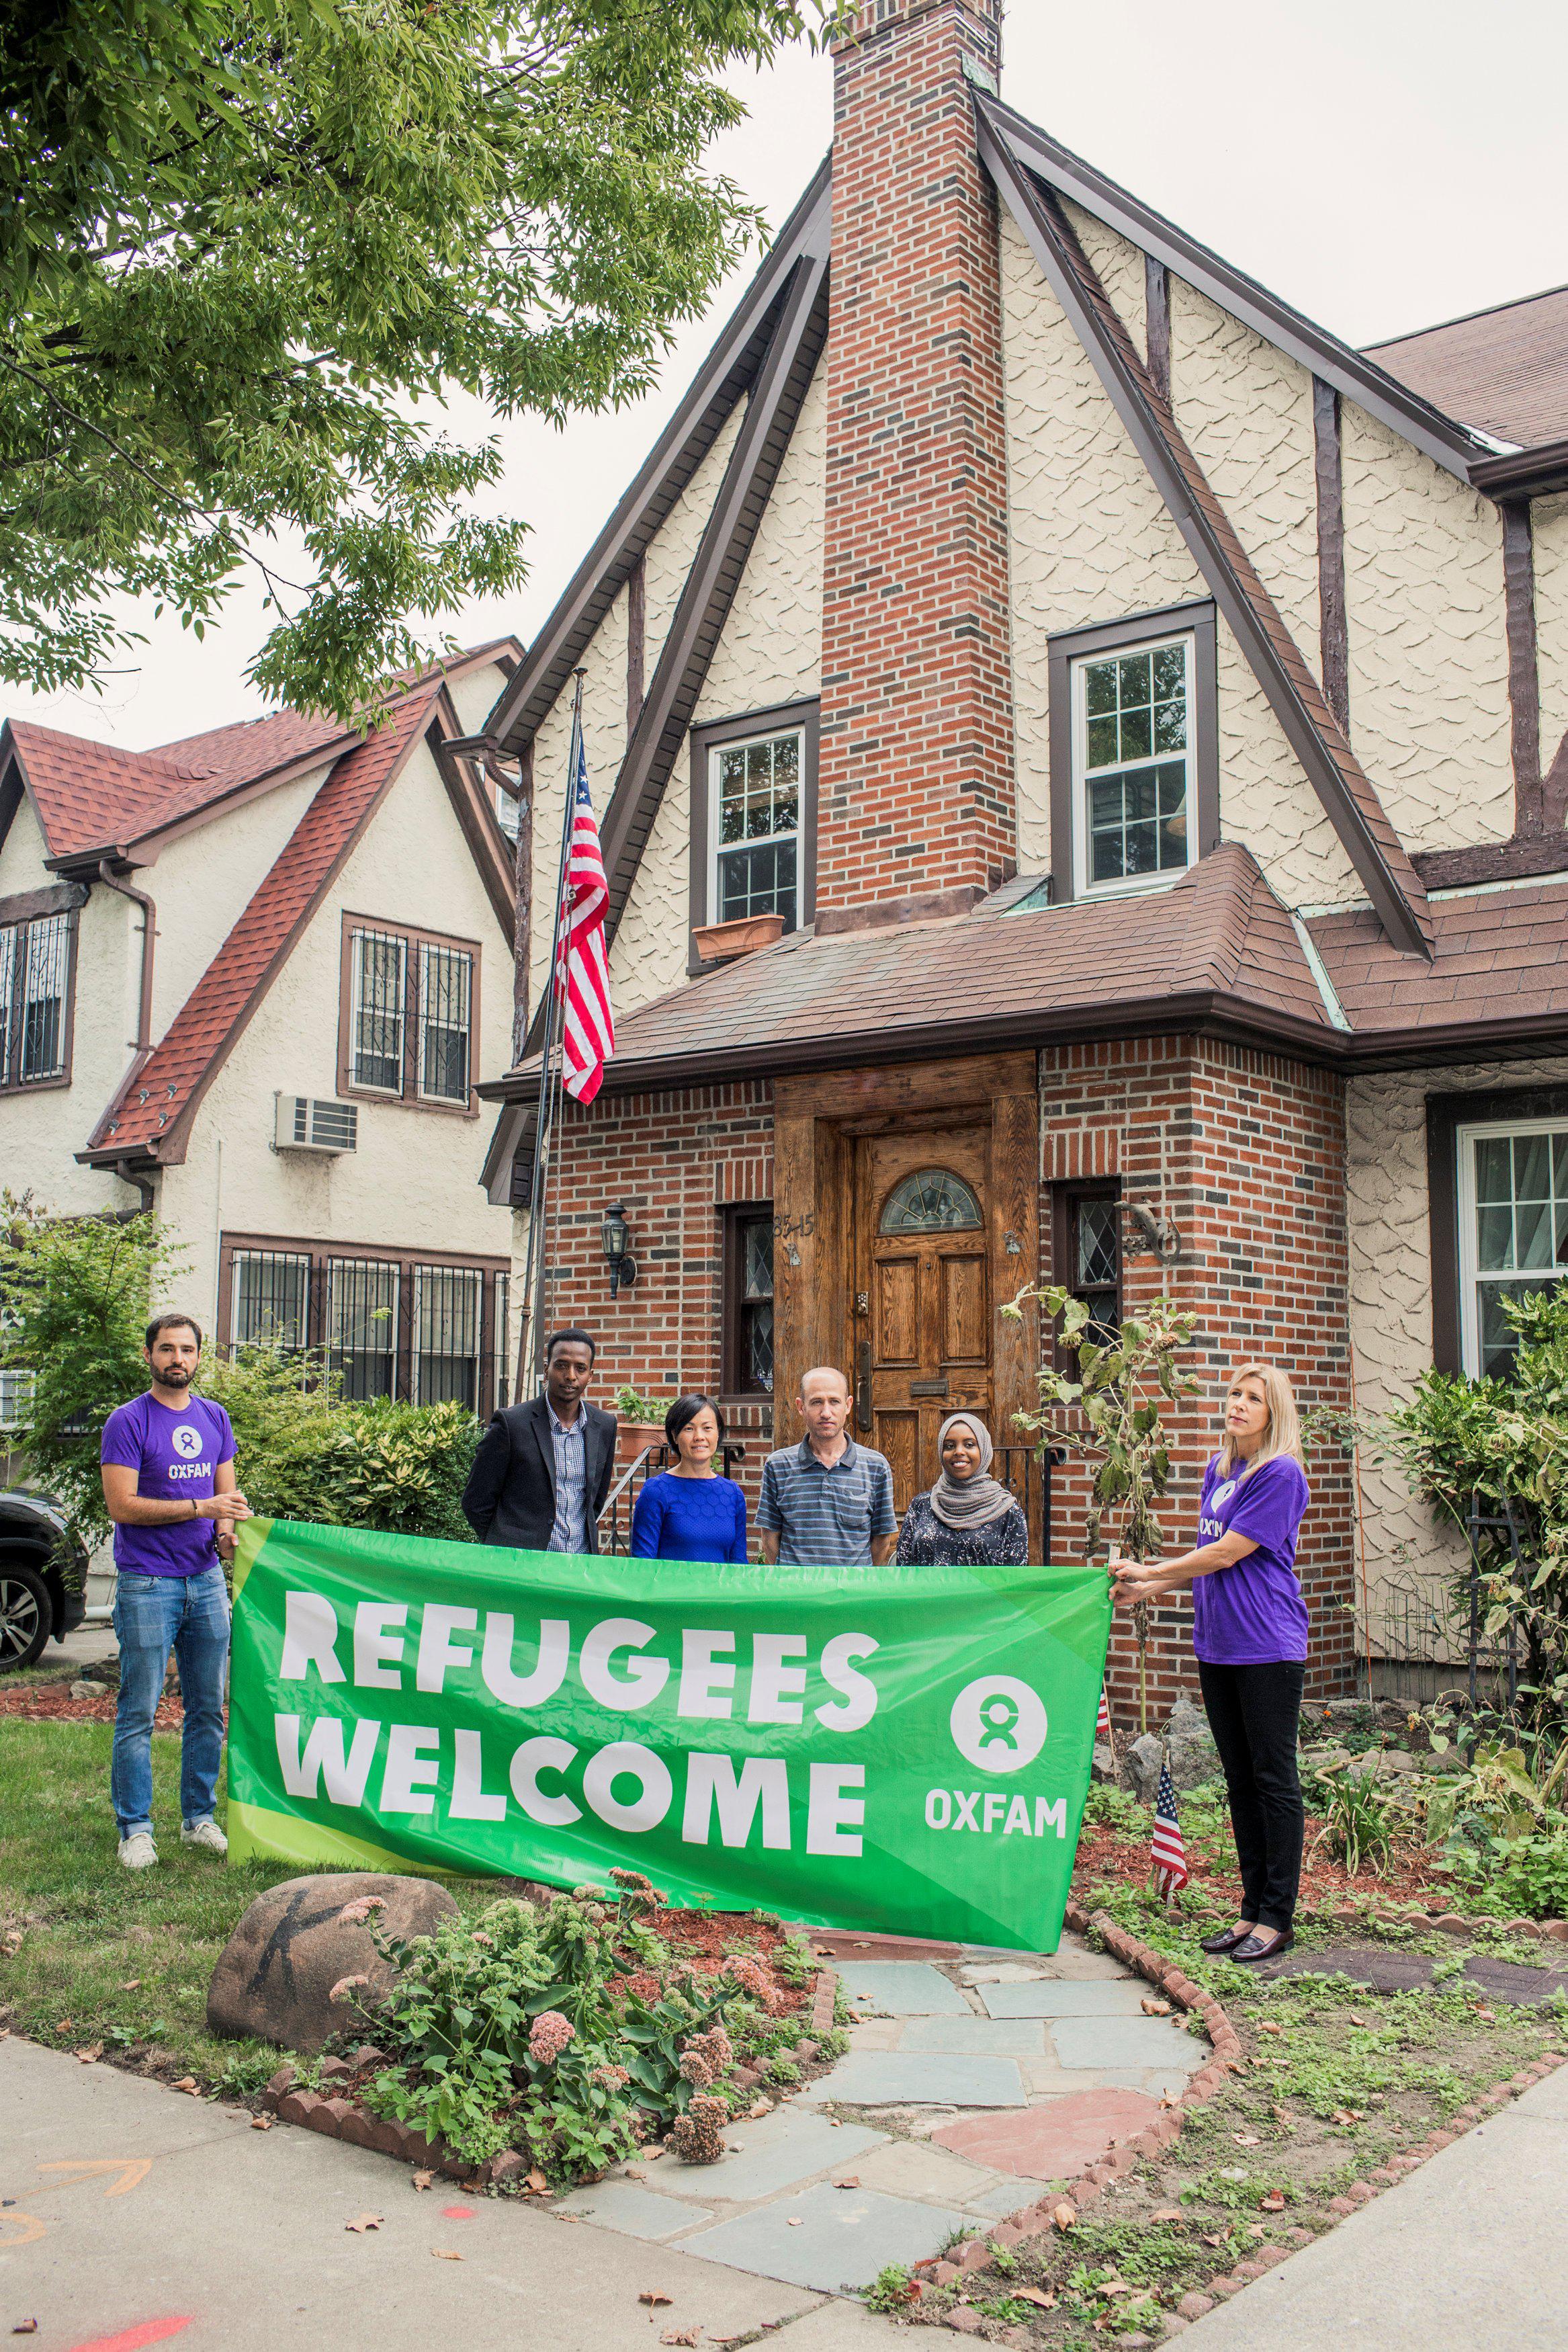 Trumps Childhood Home Be es Crash Pad for Refugees After Oxfam